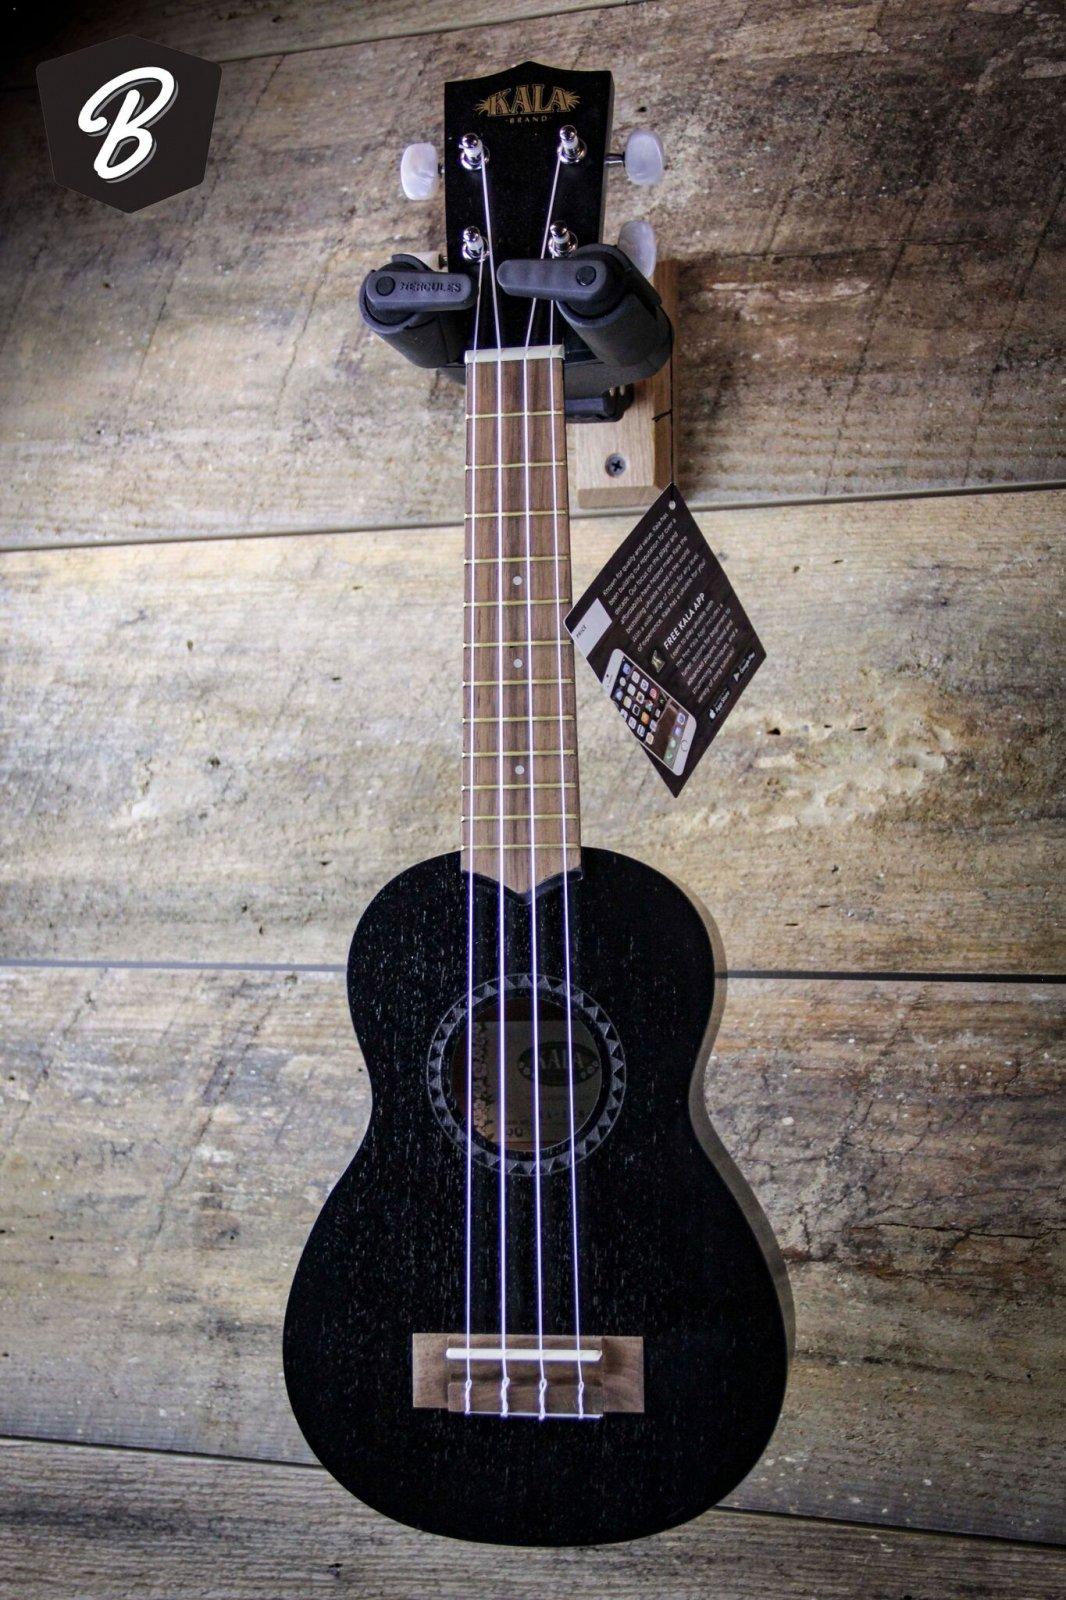 Kala KA-15S-BLK Soprano Ukulele Black